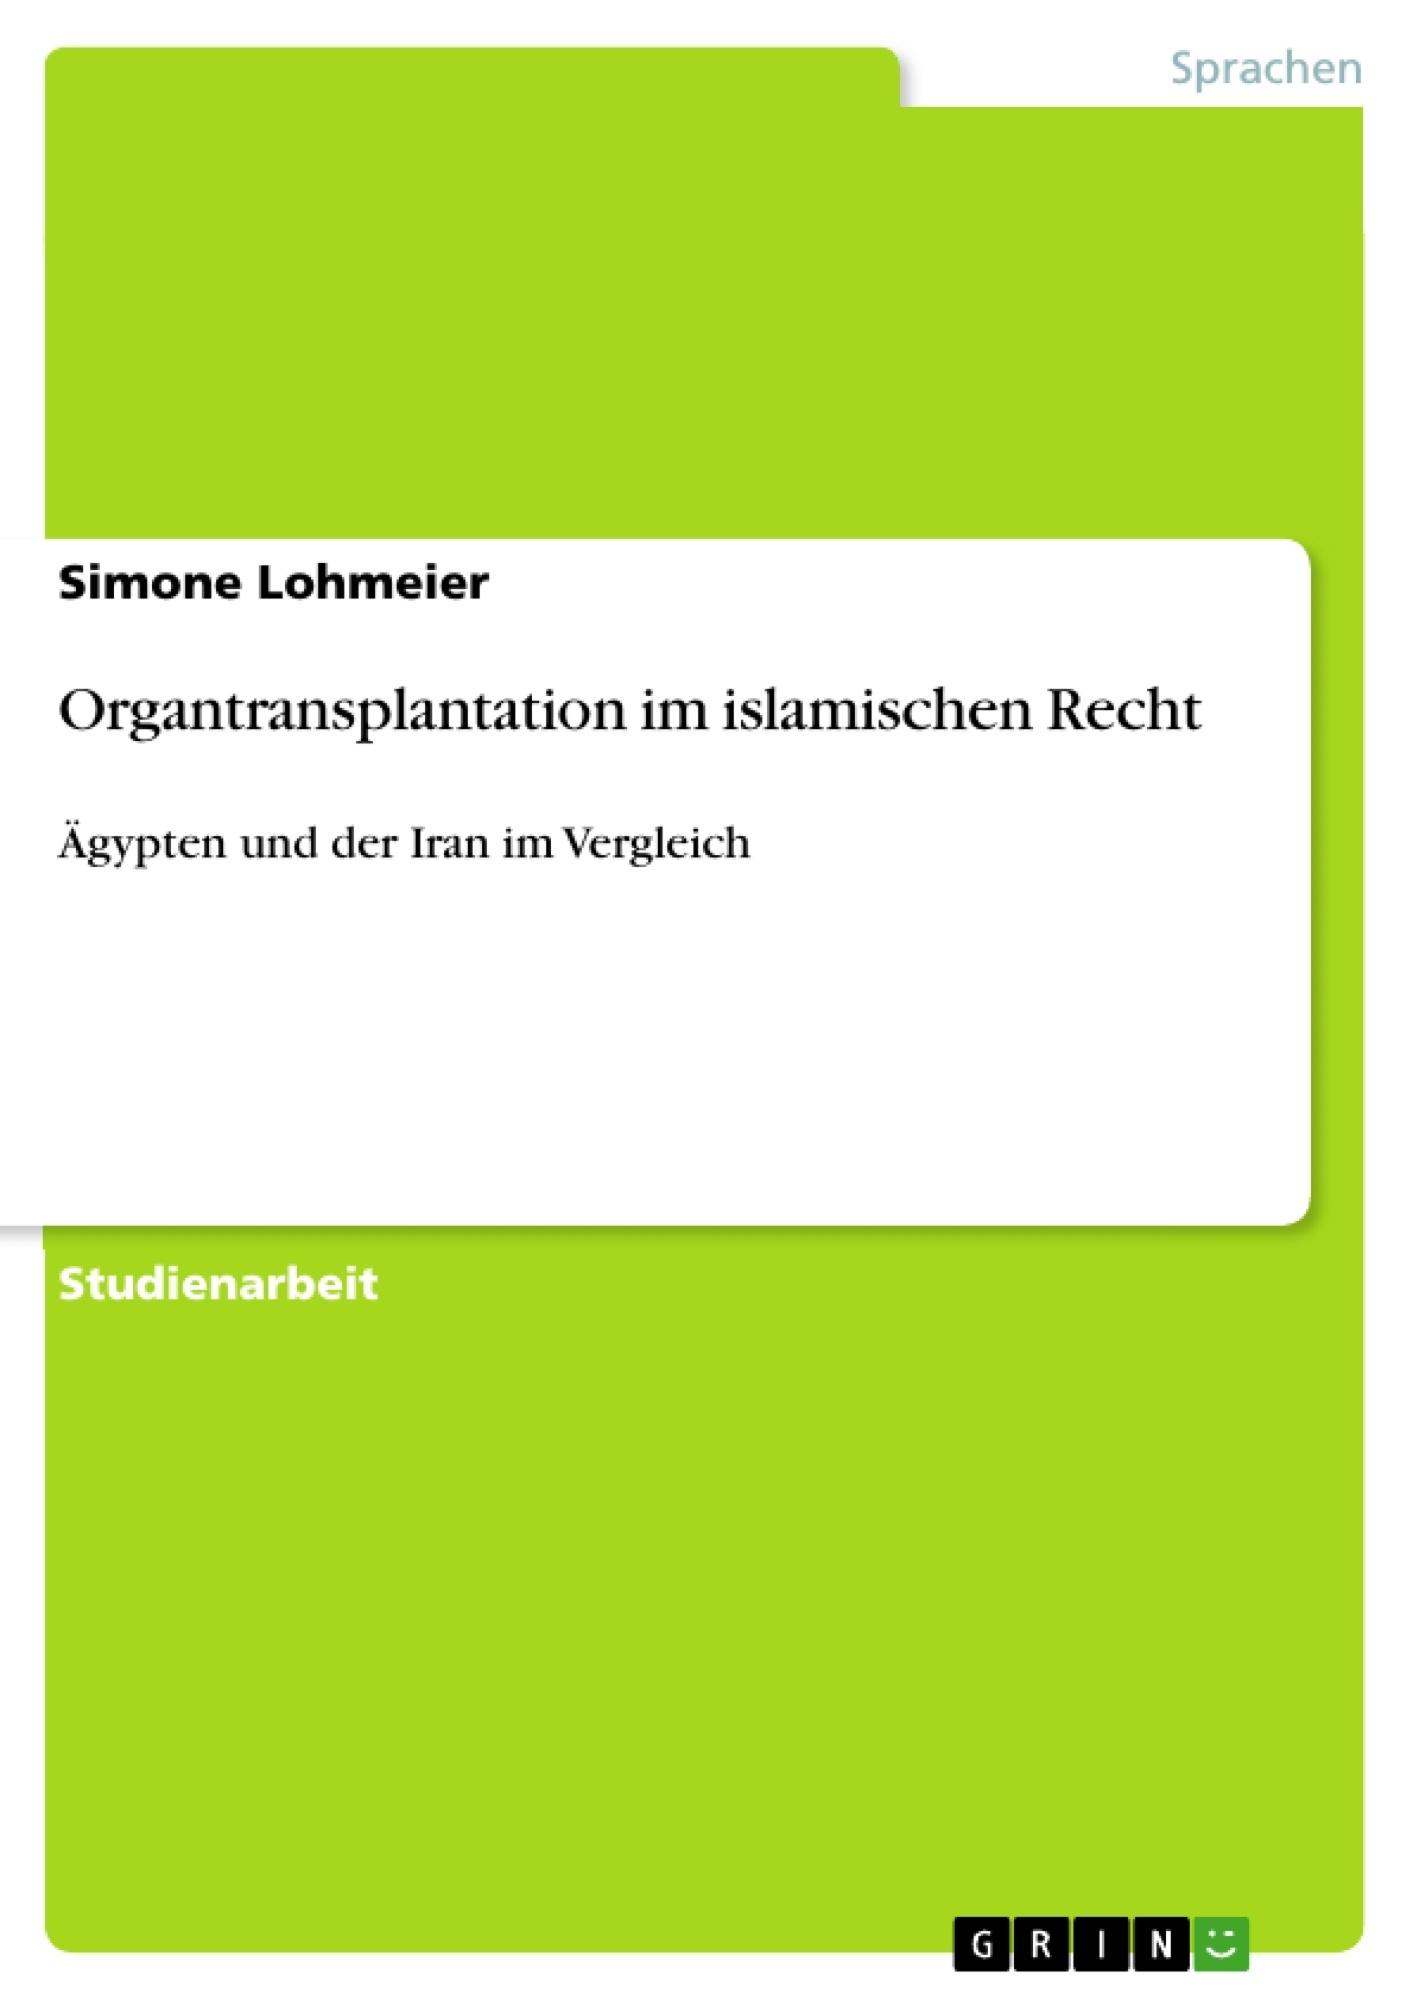 Titel: Organtransplantation im islamischen Recht